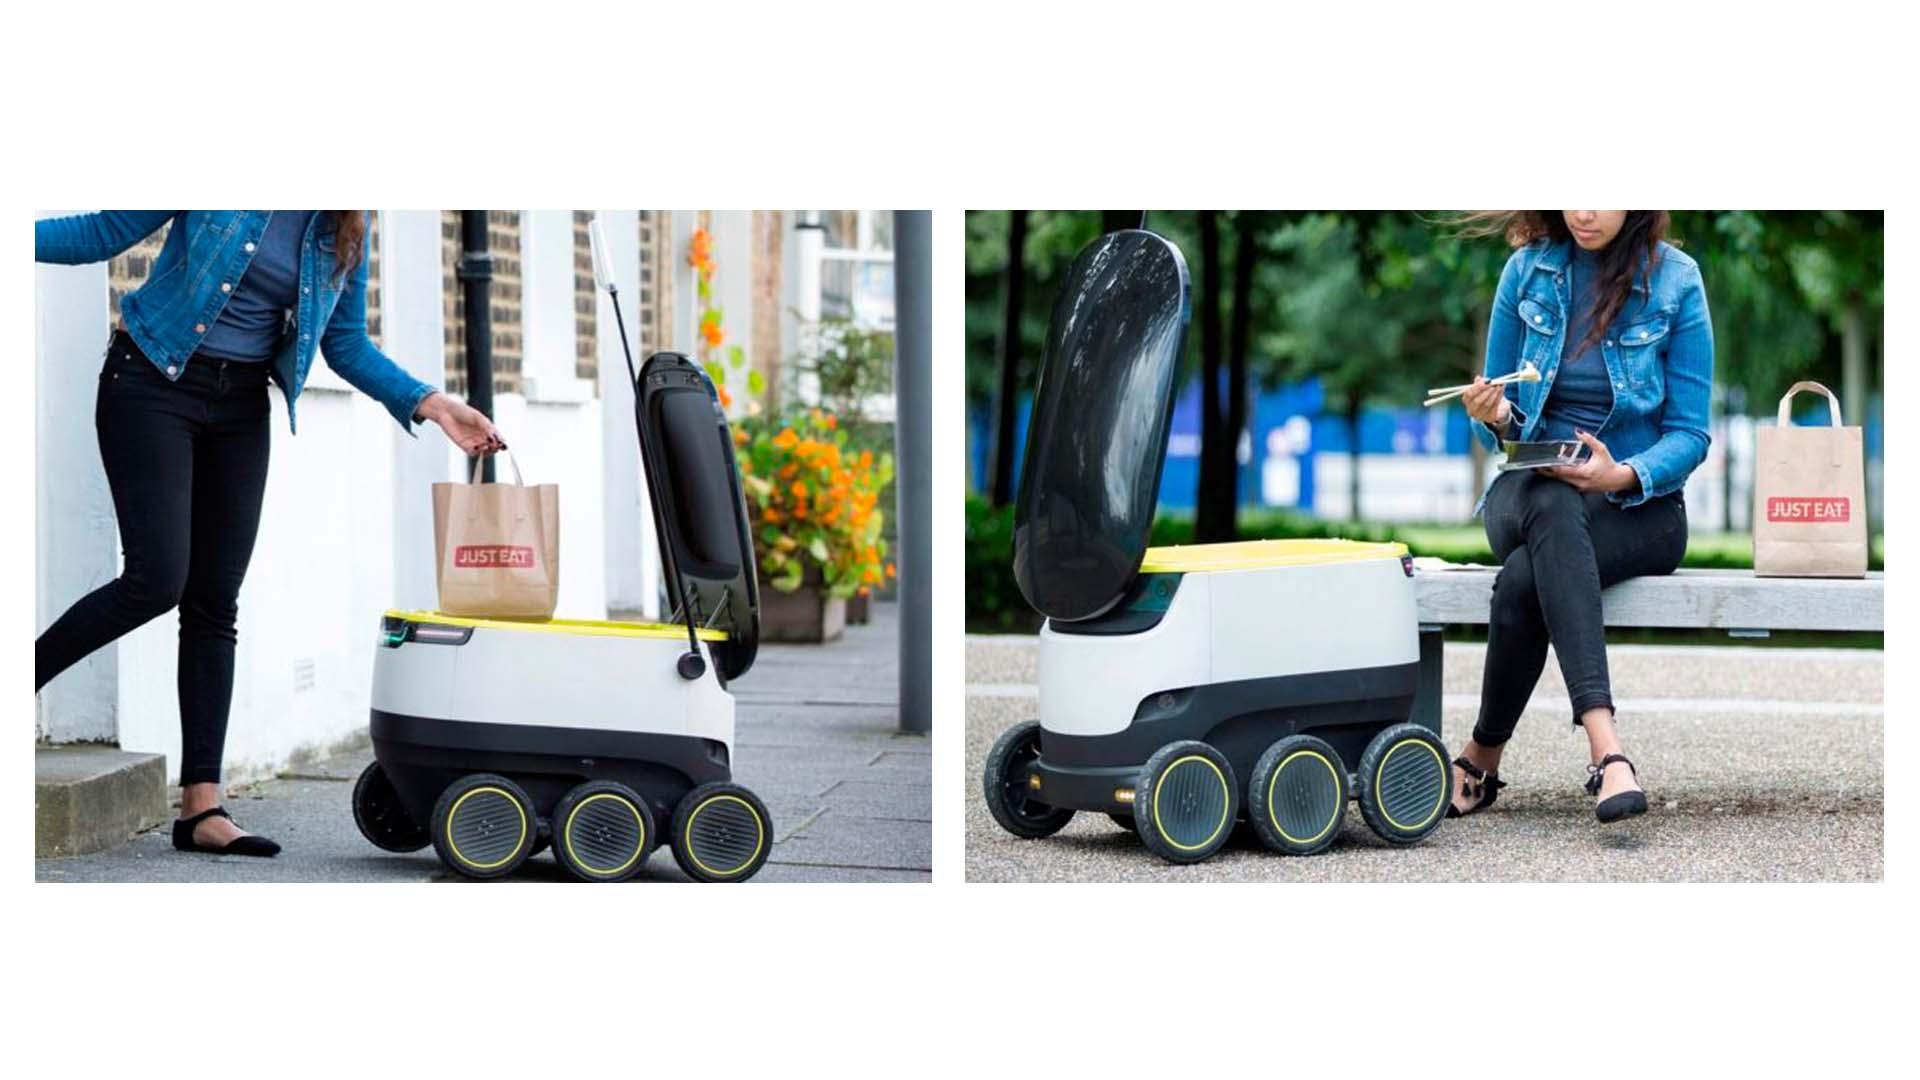 La compañía Just Eat desarrolló unos robots que estarán en fase de prueba con un radio de acción de una milla